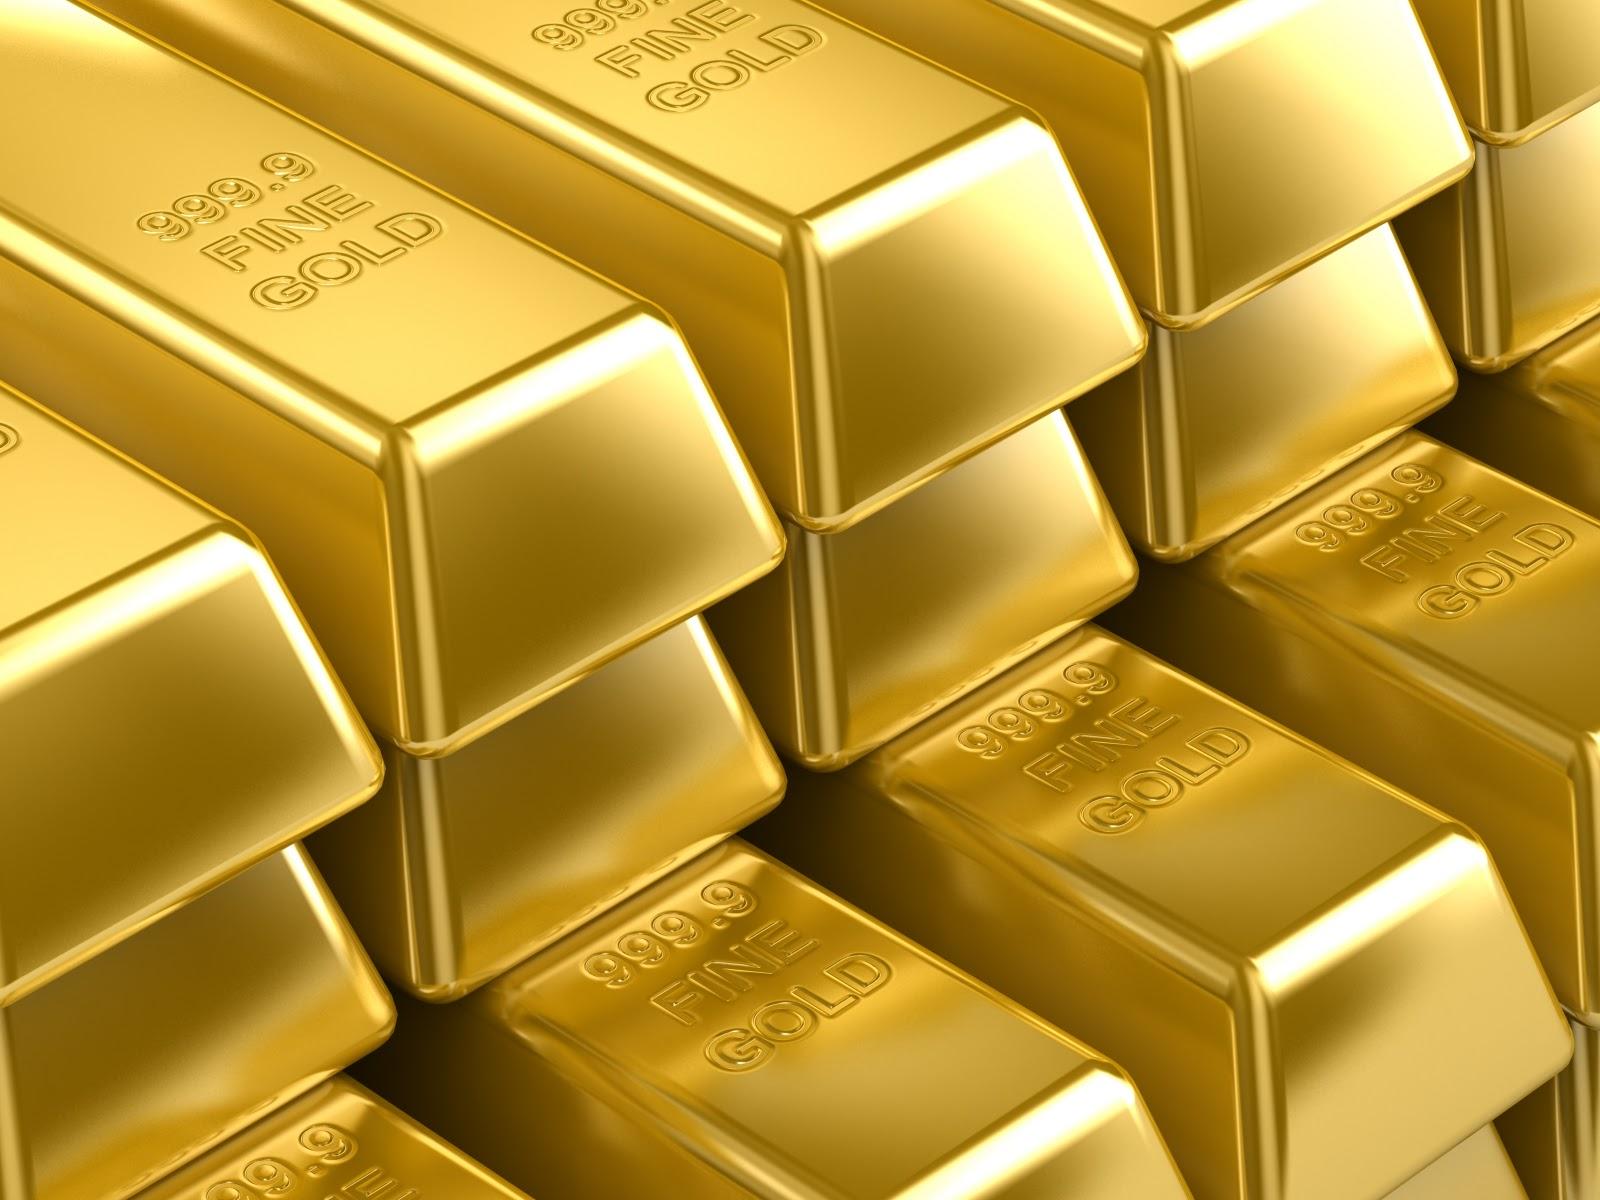 الذهب يرتفع قبل اجتماع اللجنة الفيدرالية